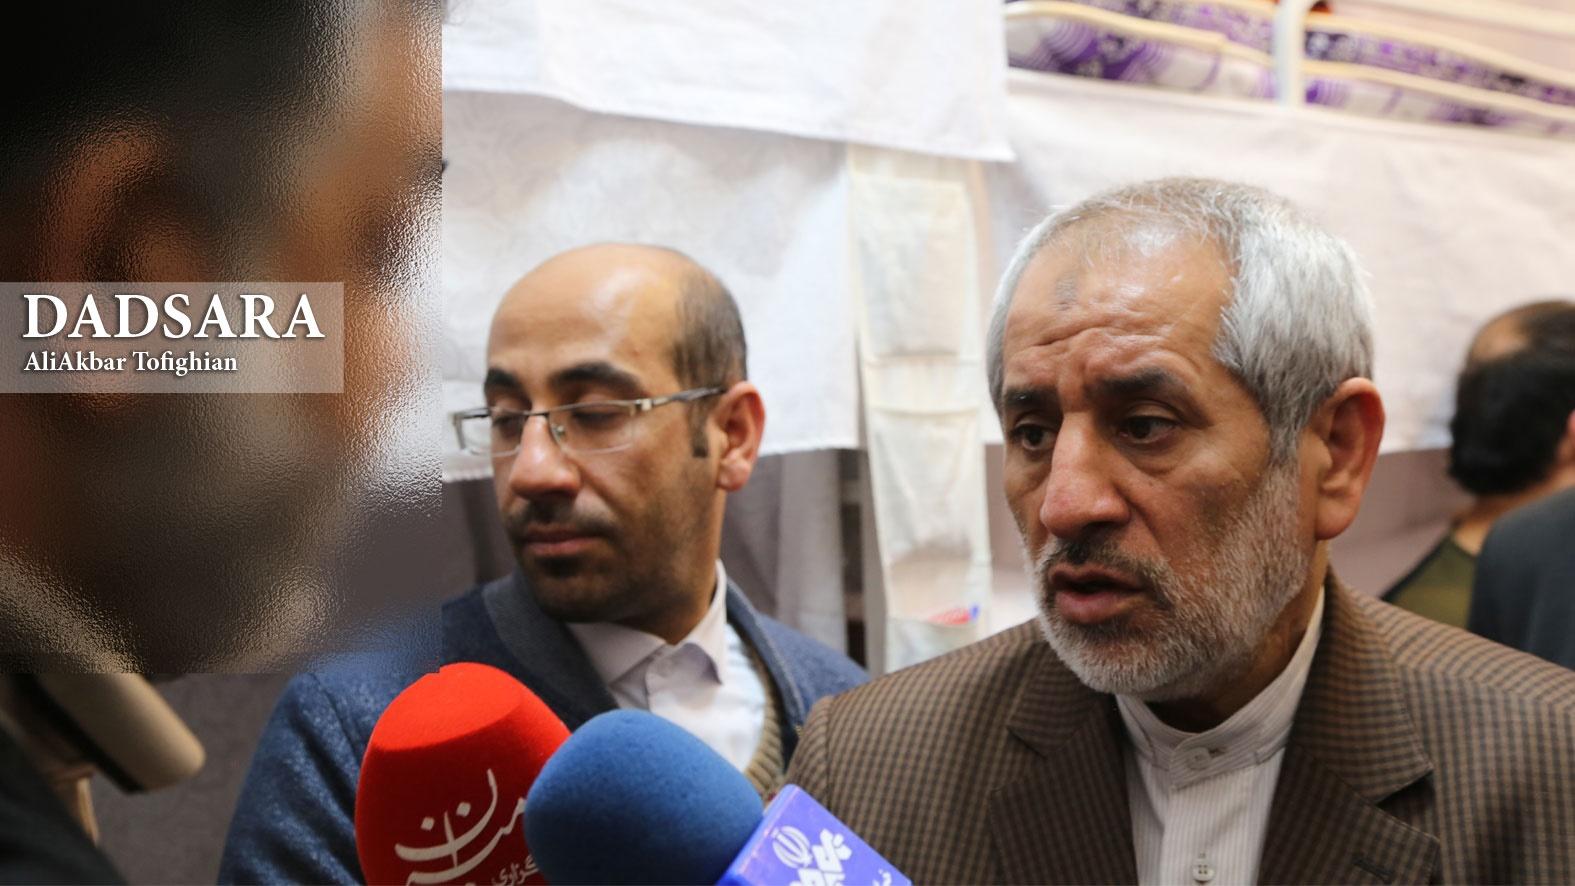 بازدید سرزده دادستان از اوین/ ملاقات با محکومان امنیتی/ بدرفتاری ماموران گزارش نشد/ عکس